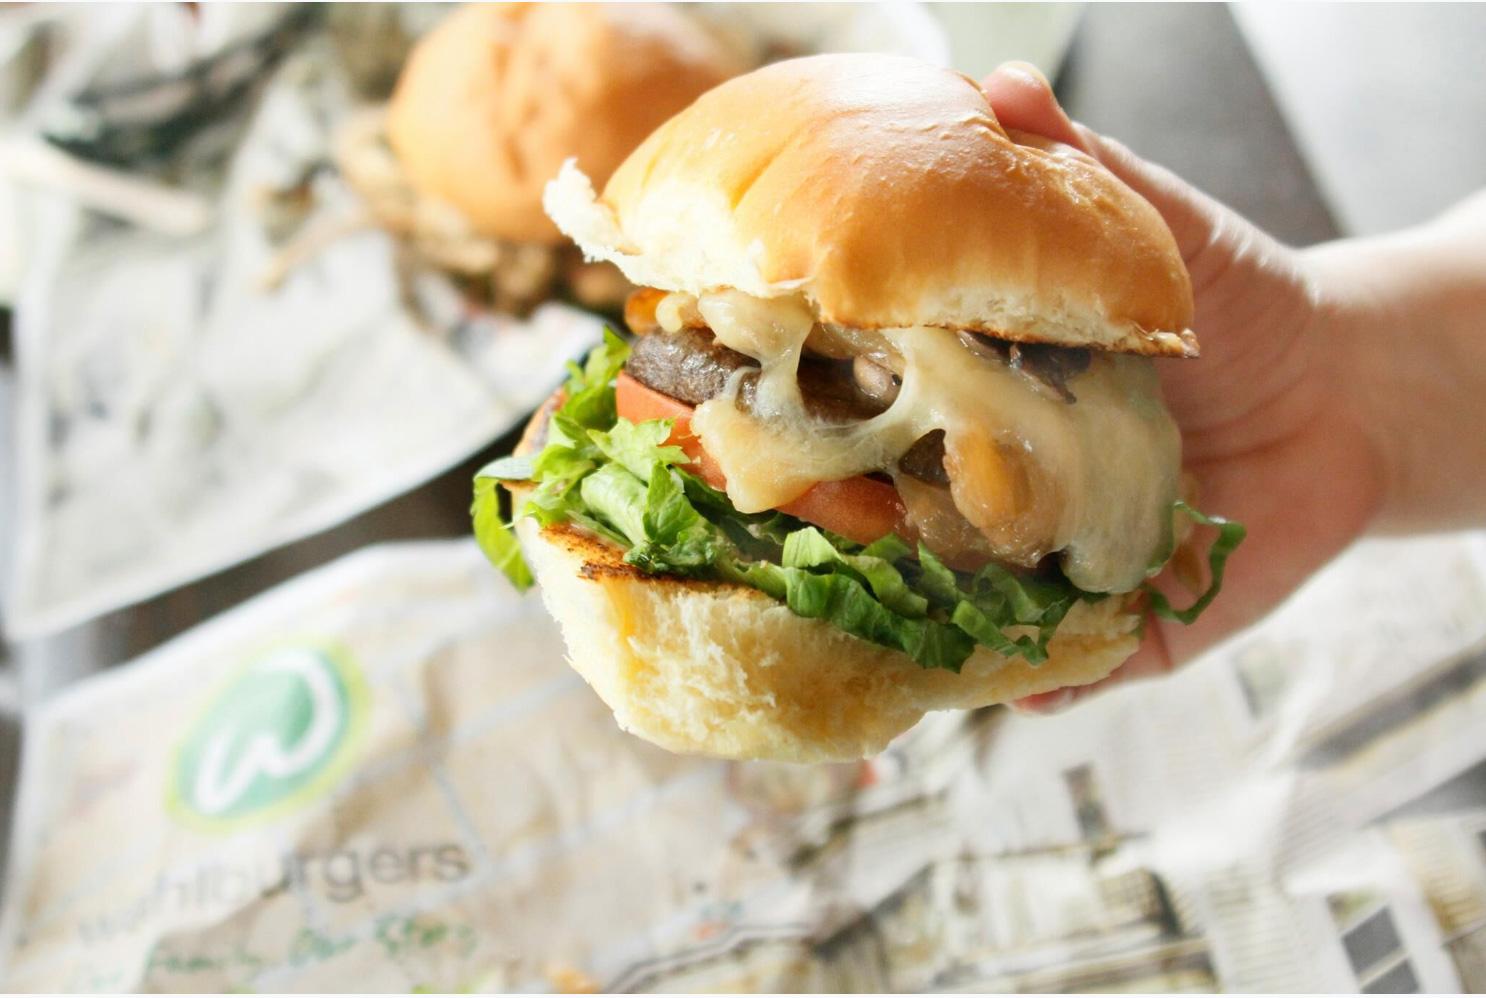 wahlburgers-7.jpg